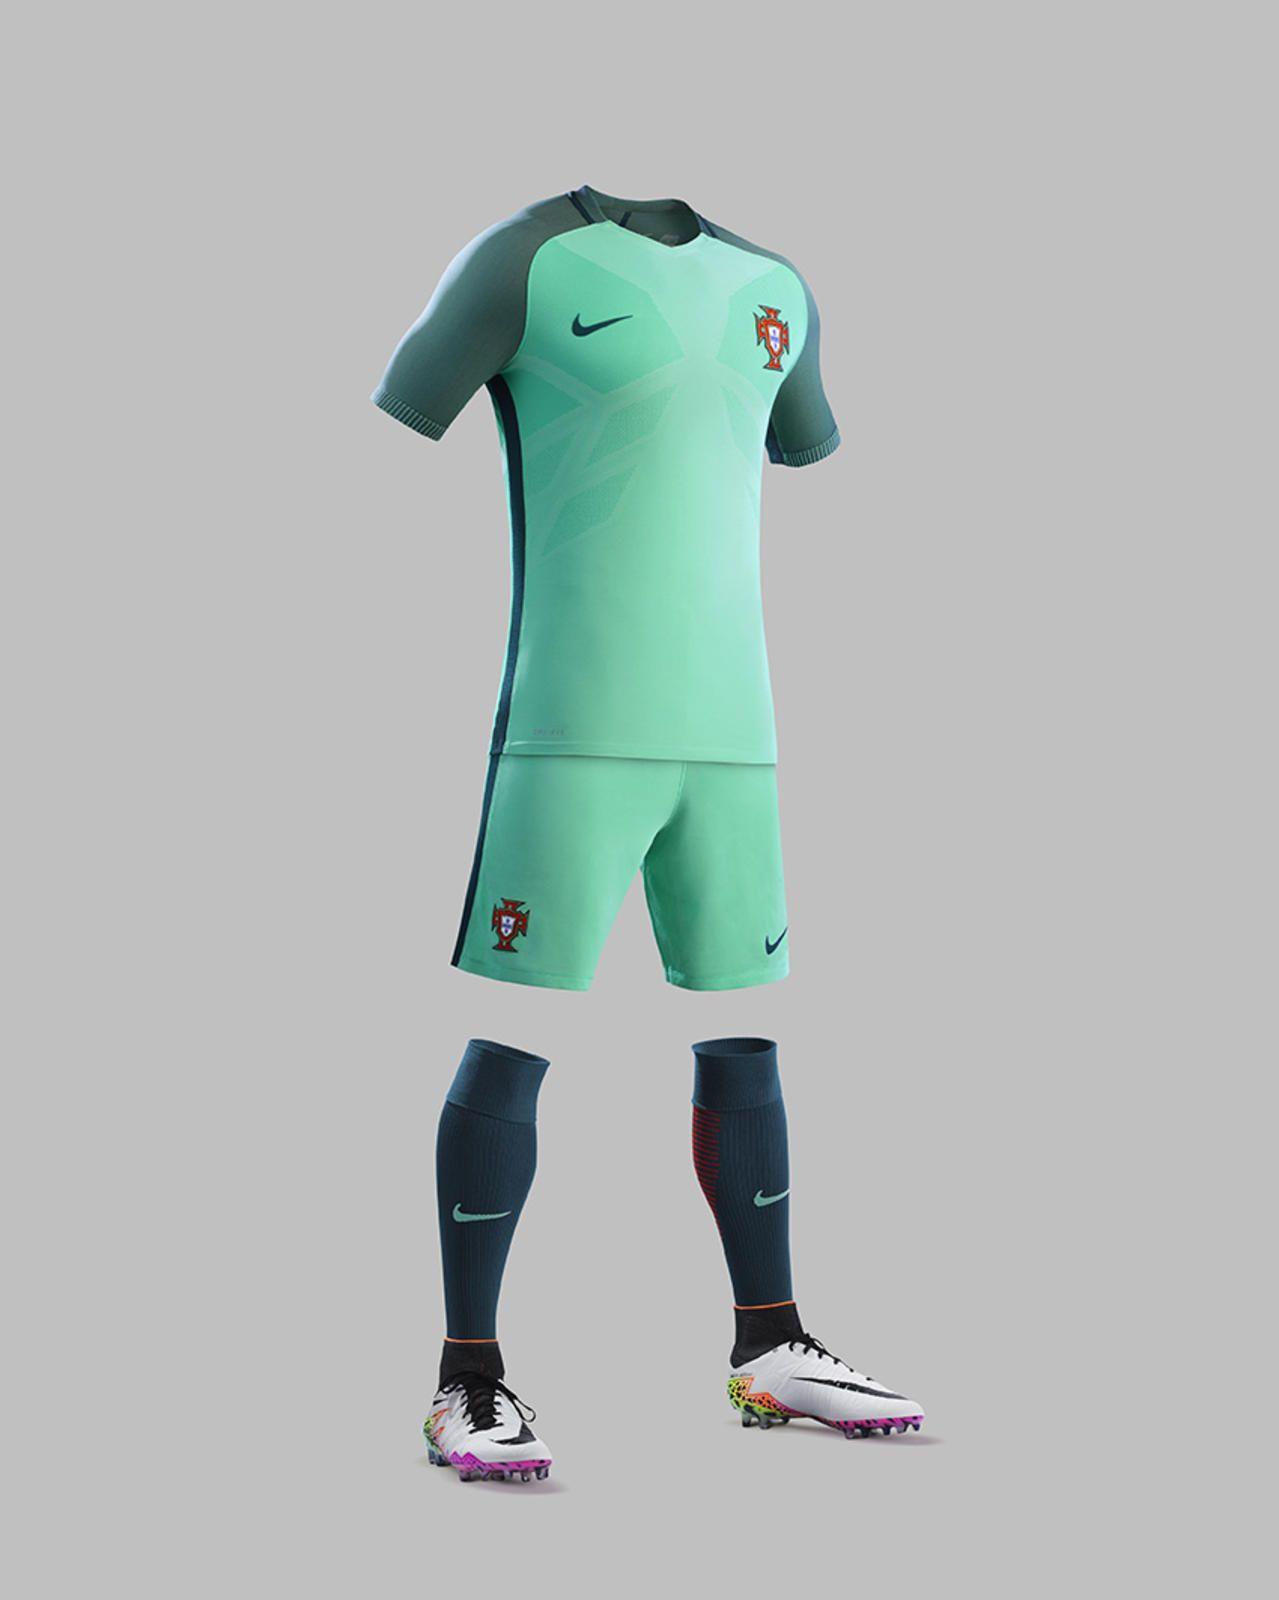 Nike AS Monaco Maillot Extérieur 2016 17